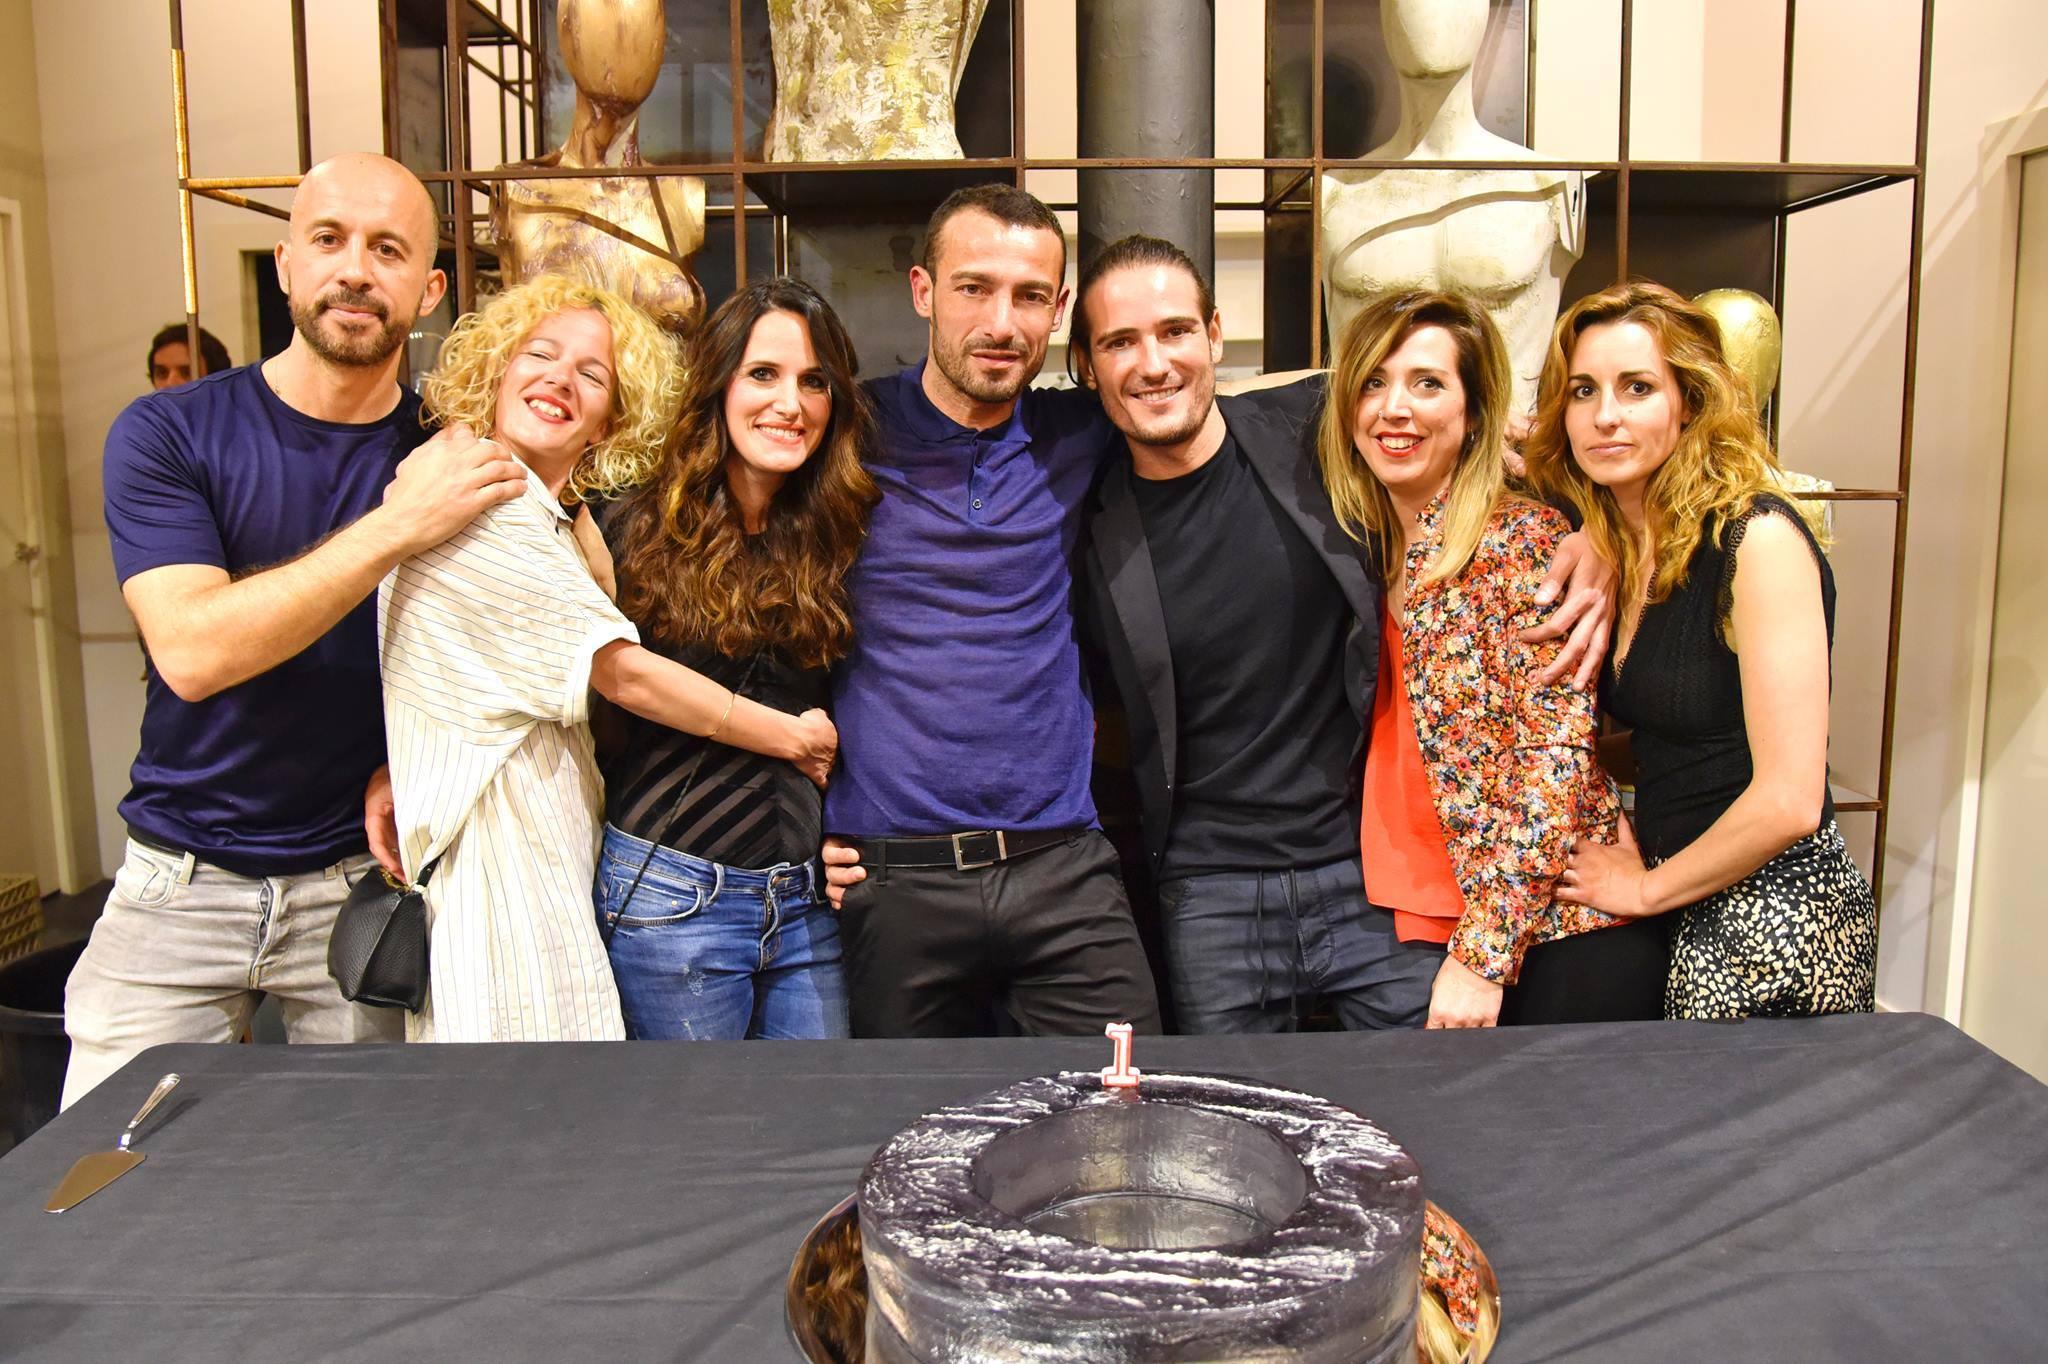 opera_lounge_barcelona_evento_de_lanzamiento_de_preludio_primer_aniversario_de_opera_img6.jpg